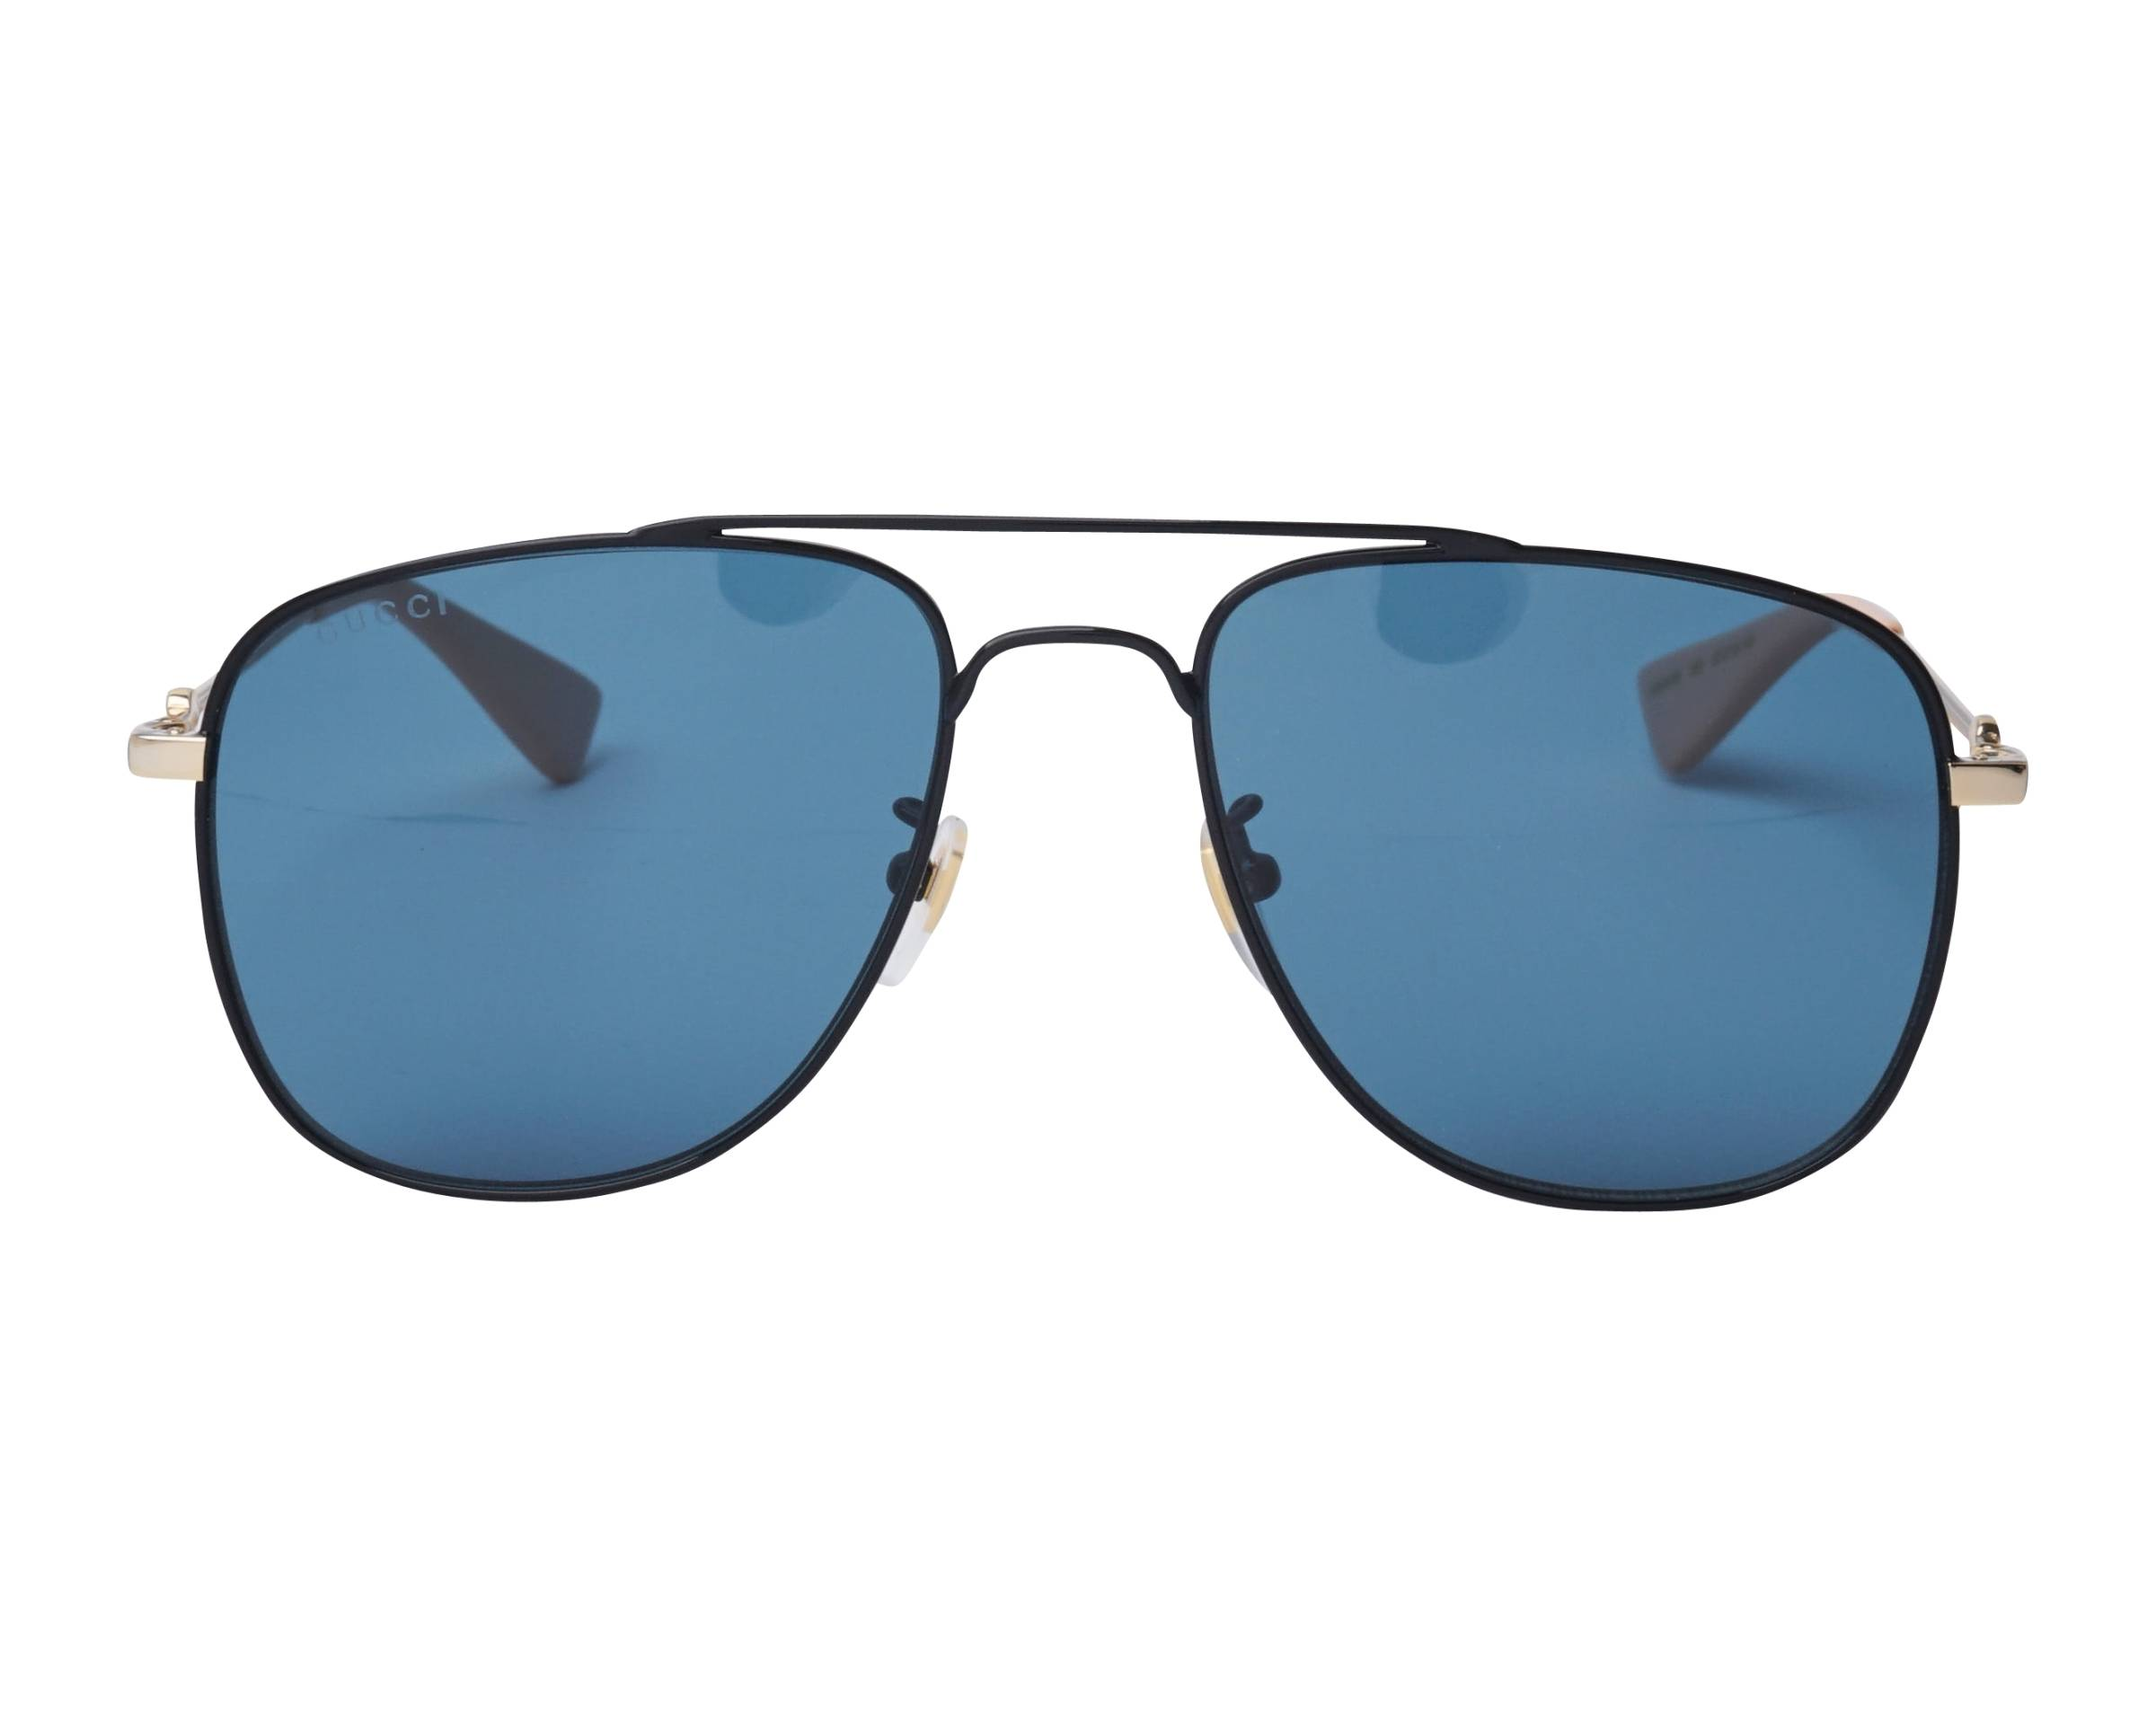 Gucci Sunglasses - GG0514S - 003